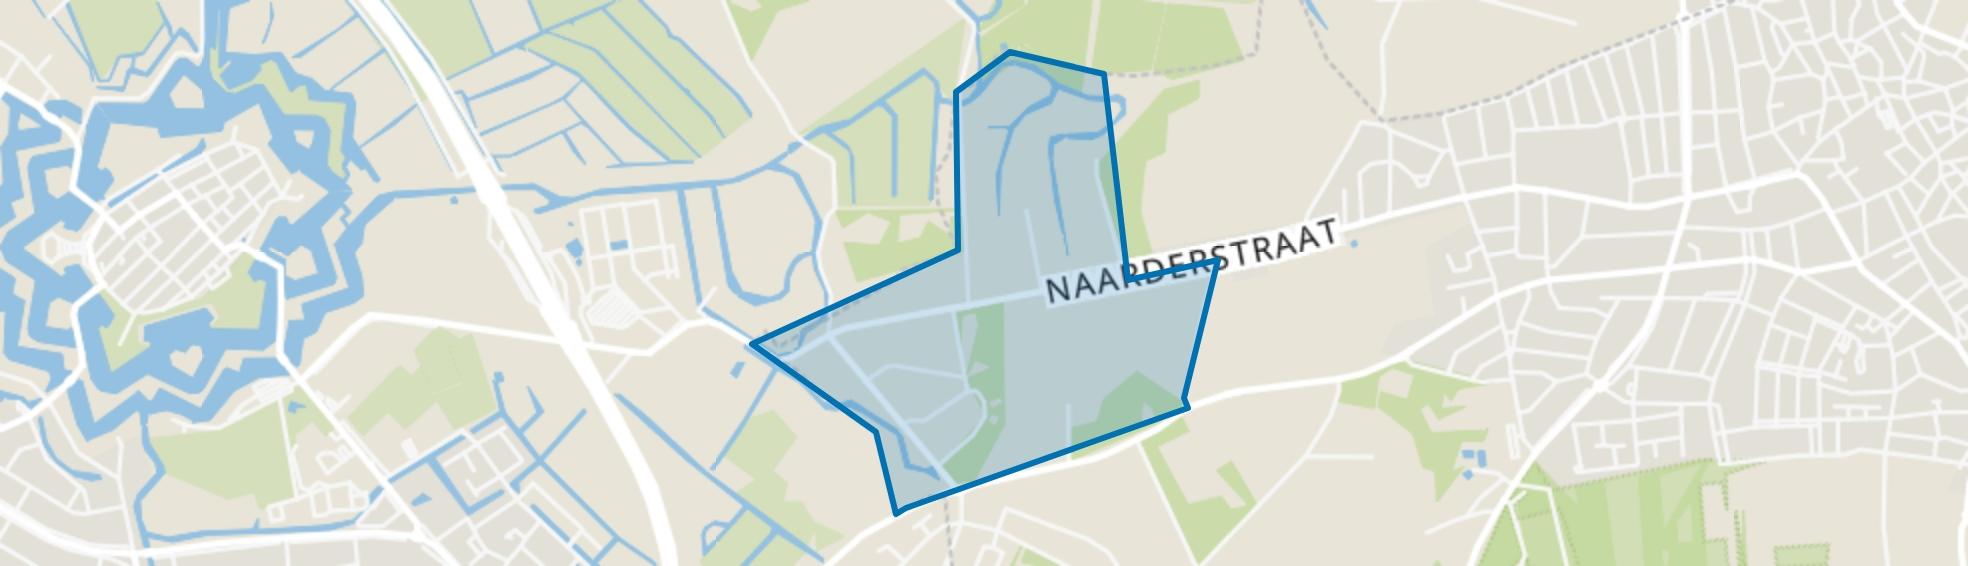 Flevo, Huizen map